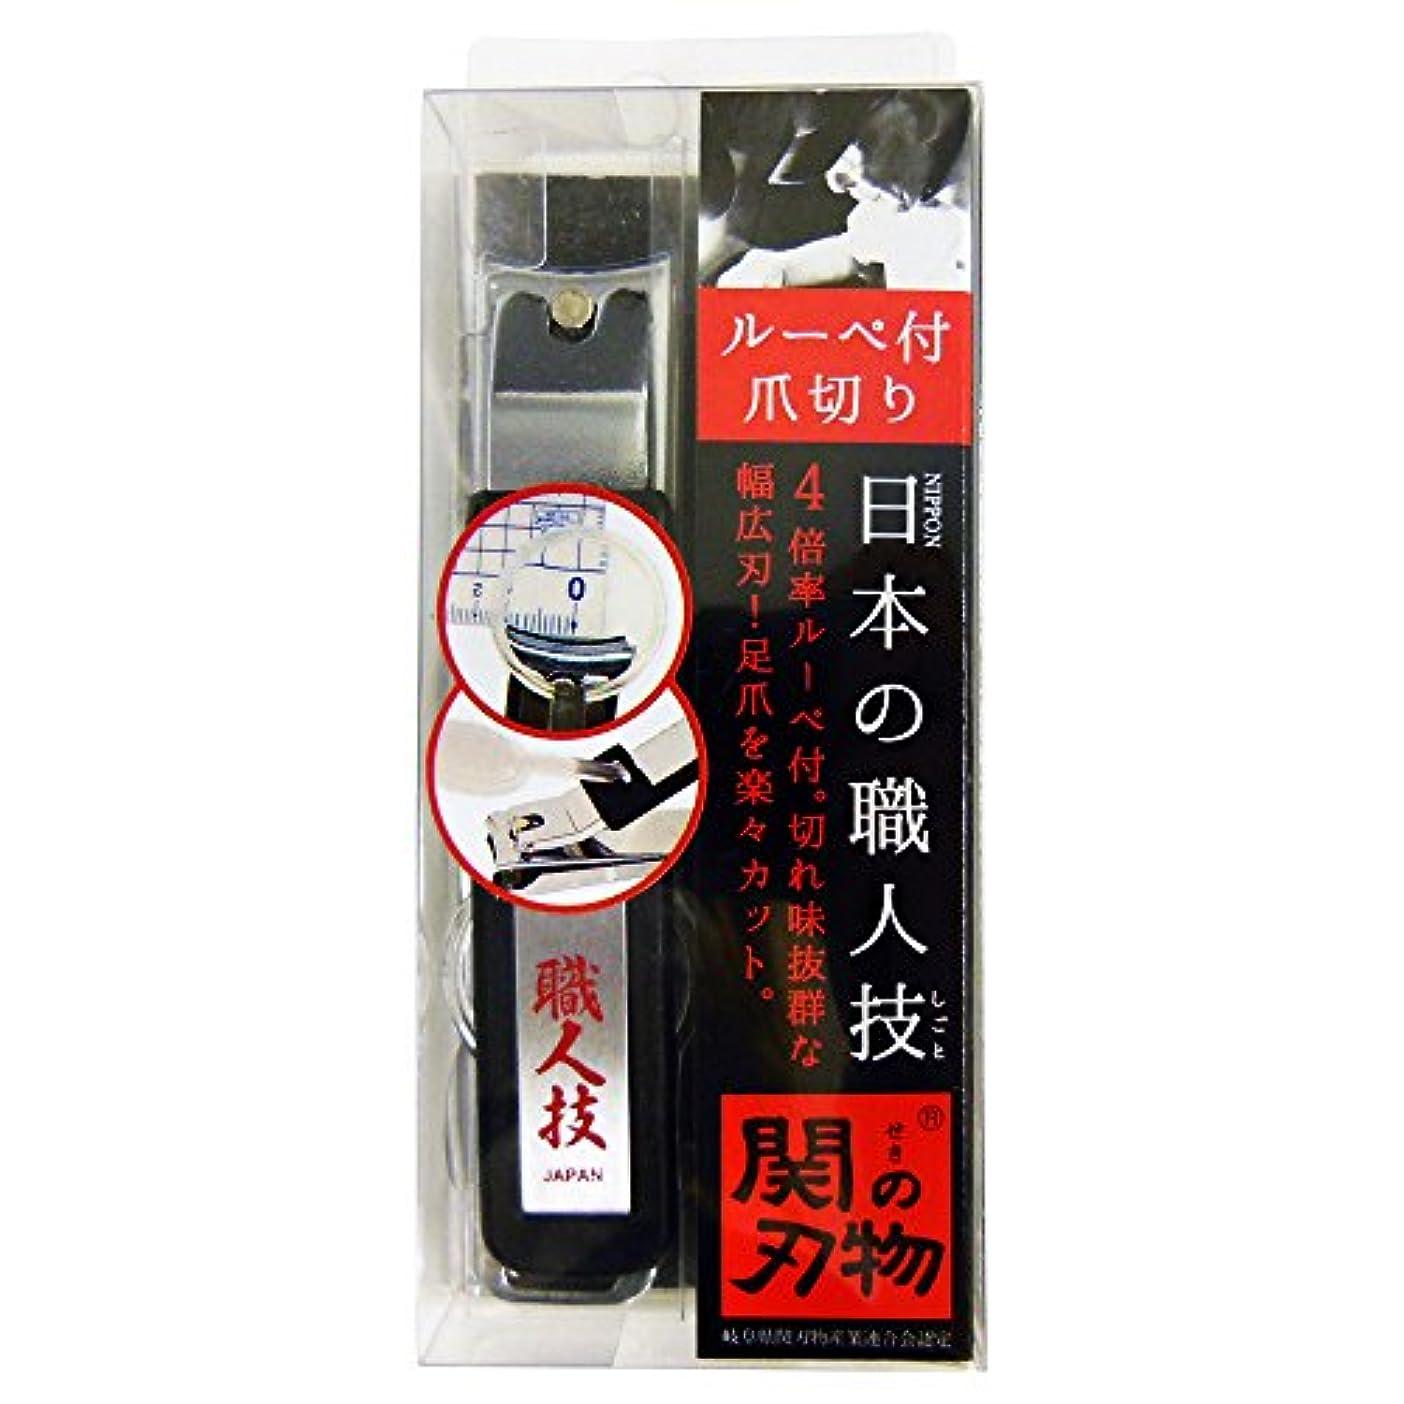 レモン合わせて皿関の刃物 ルーペ付爪切り SK-07 (1個入)